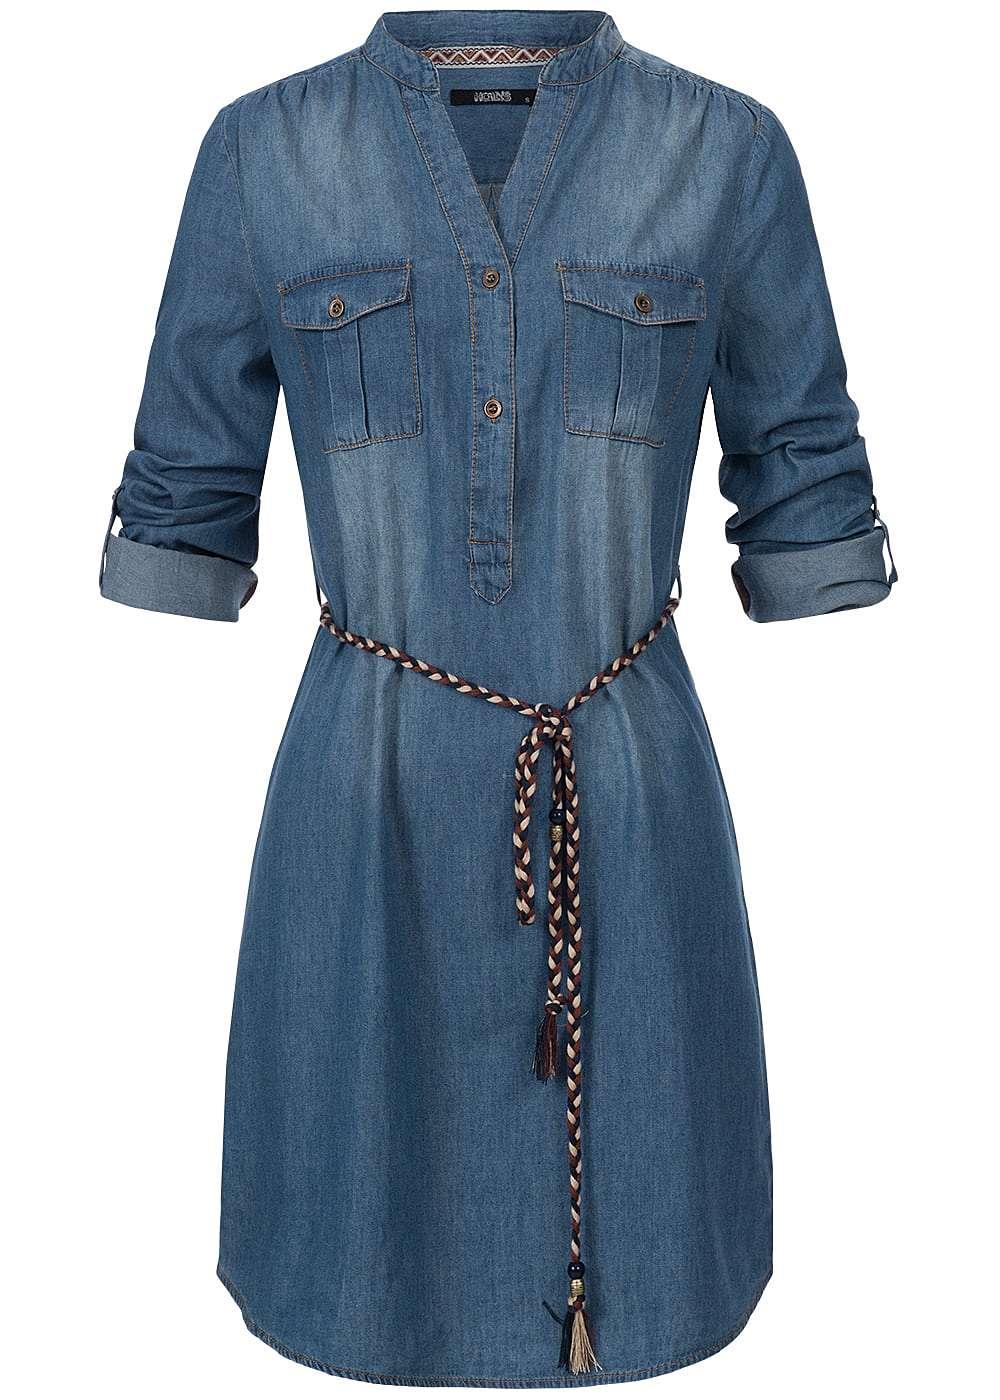 hailys damen jeans kleid turn up rmel 2 brusttaschen 2. Black Bedroom Furniture Sets. Home Design Ideas